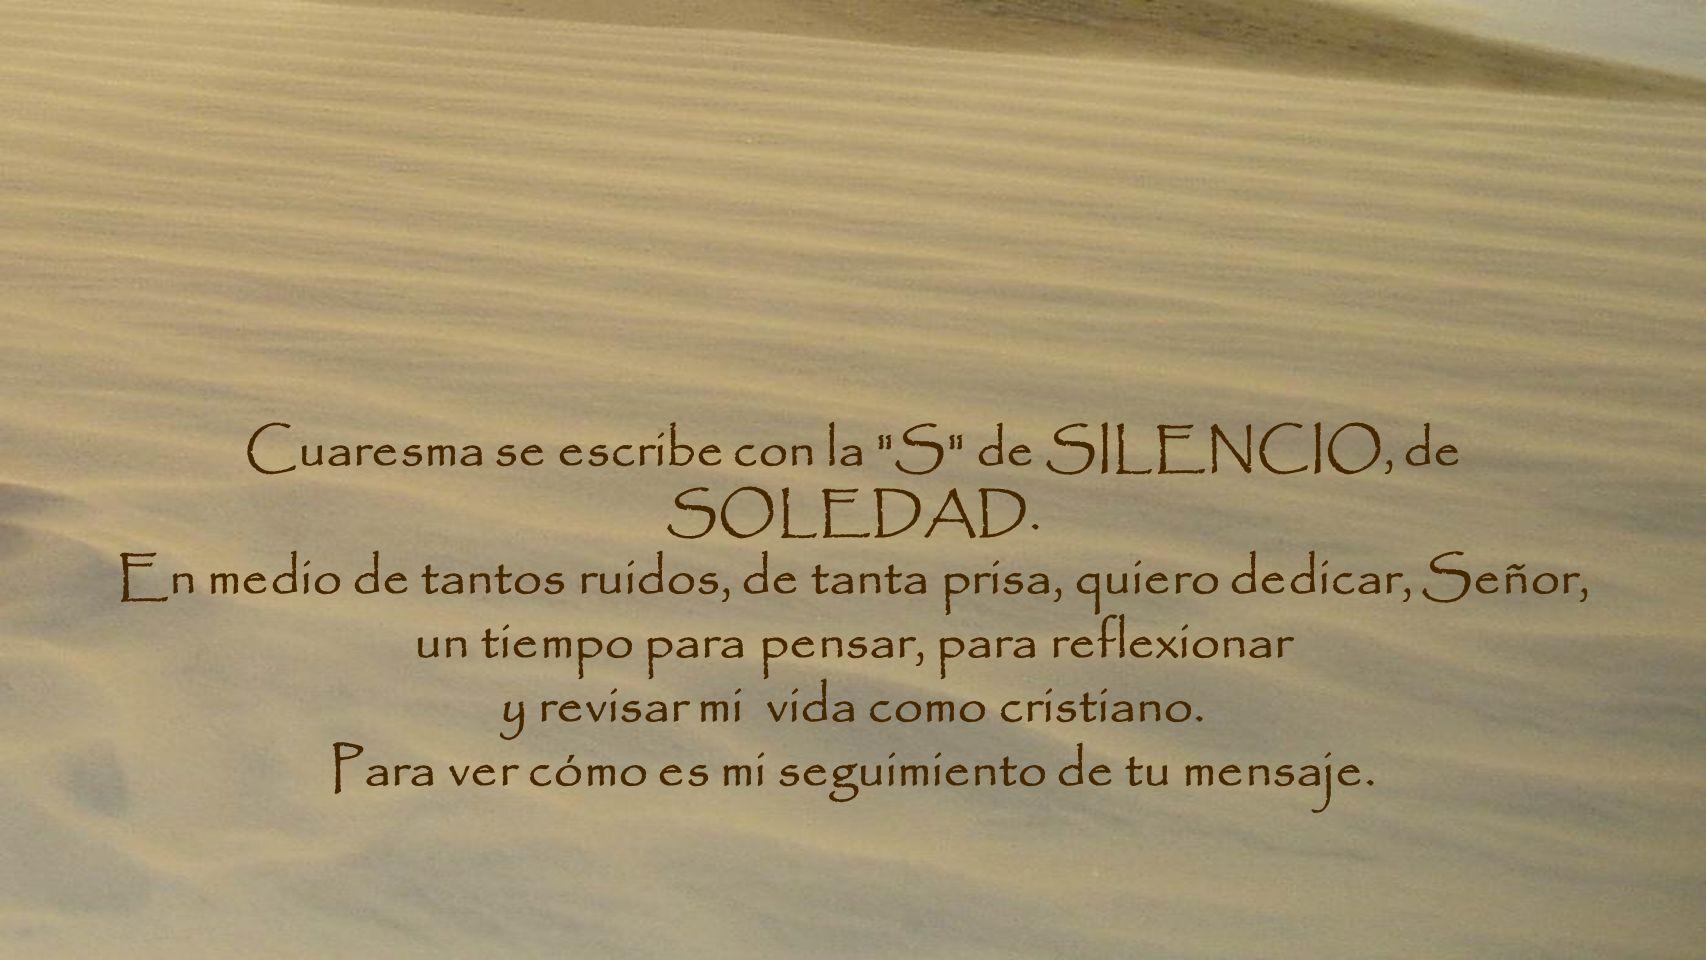 Cuaresma se escribe con la S de SILENCIO, de SOLEDAD.